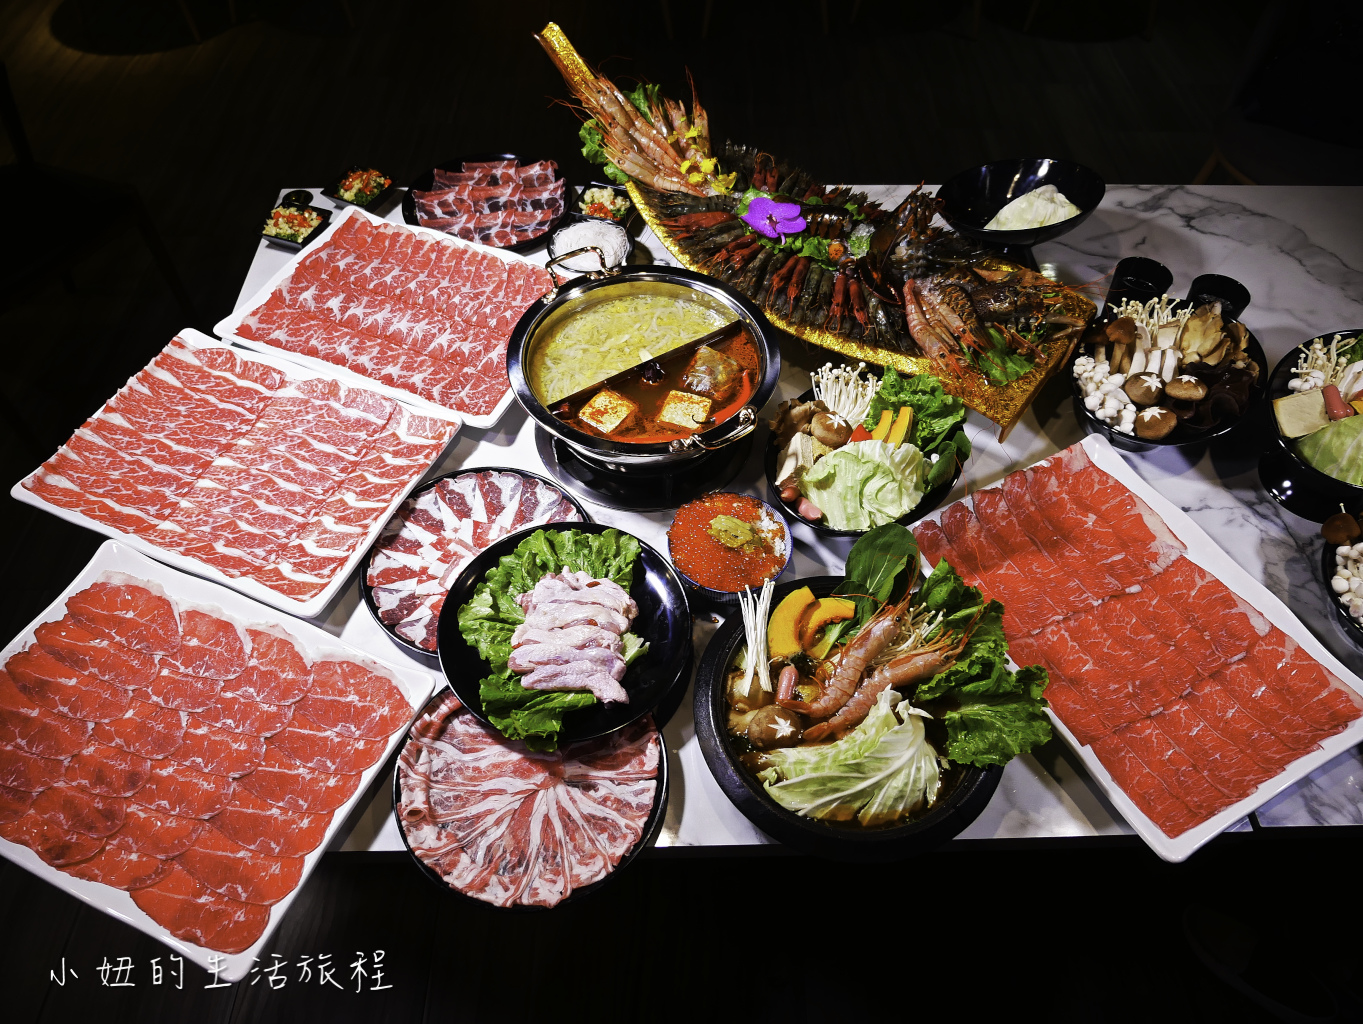 丼賞和食日本料理&嗨蝦蝦三杯醉蝦石頭火鍋林森旗艦店-39.jpg